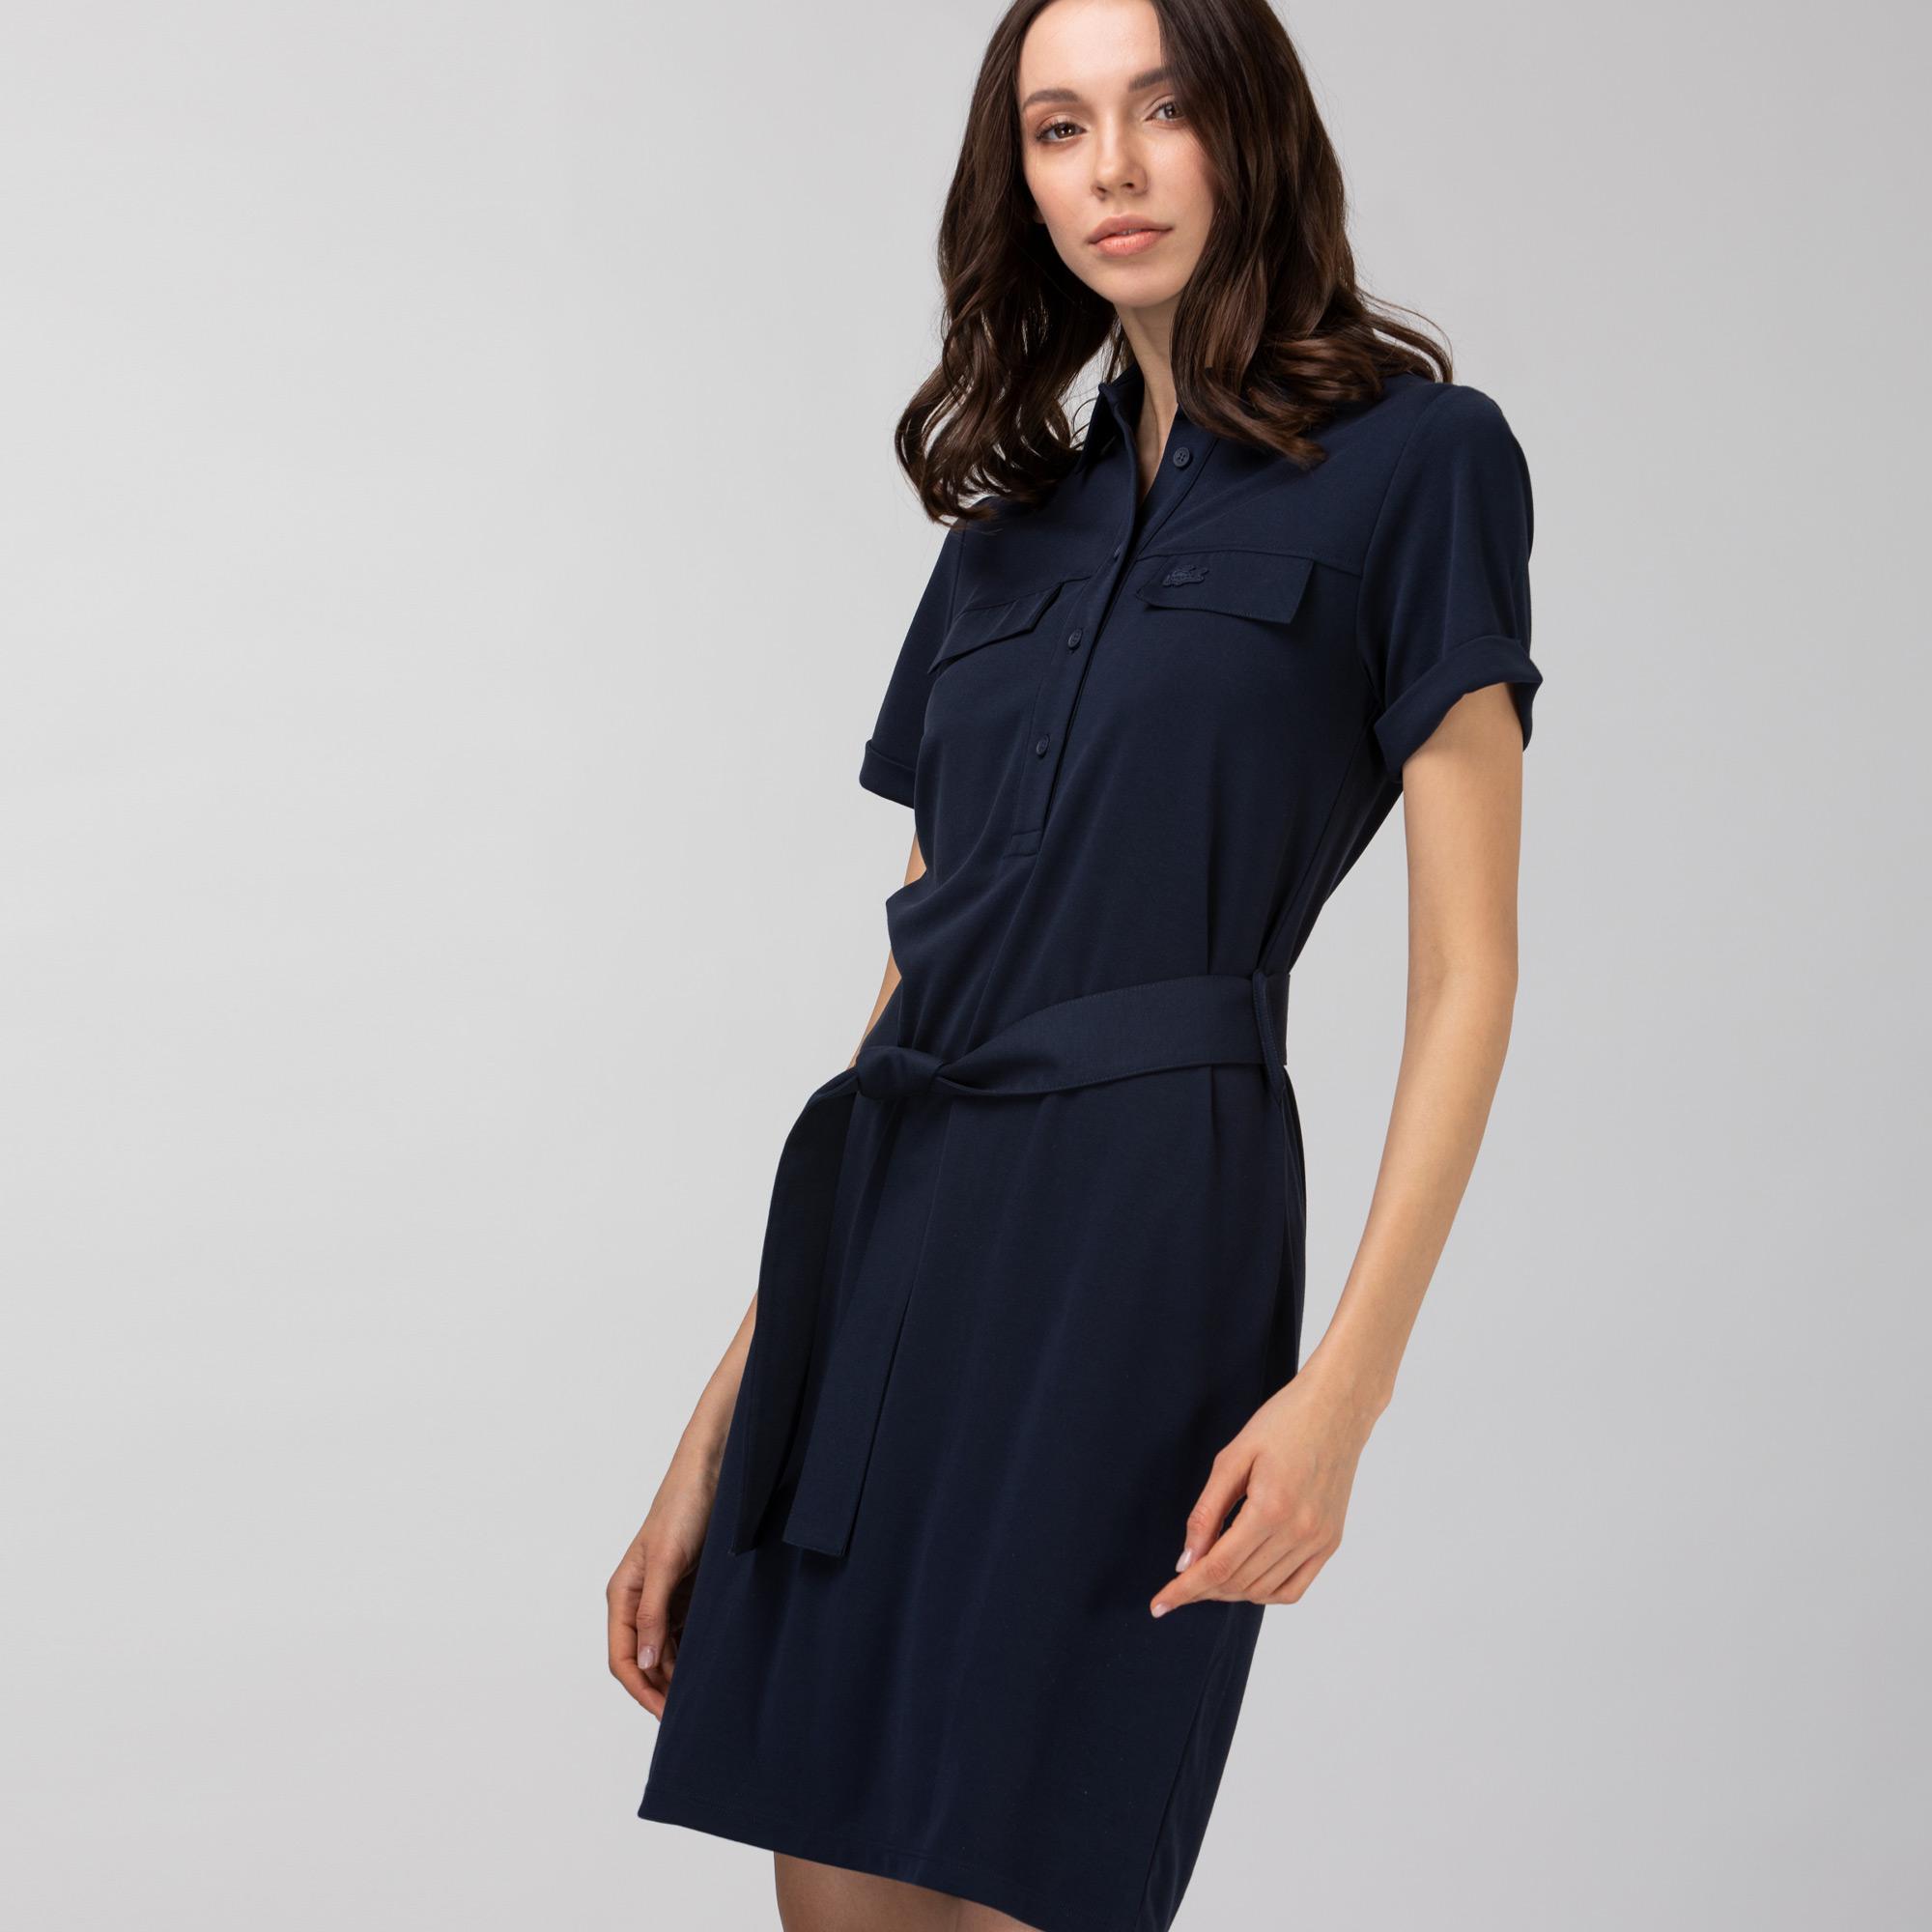 Lacoste Kadın Kısa Kollu Gömlek Yaka Lacivert Elbise